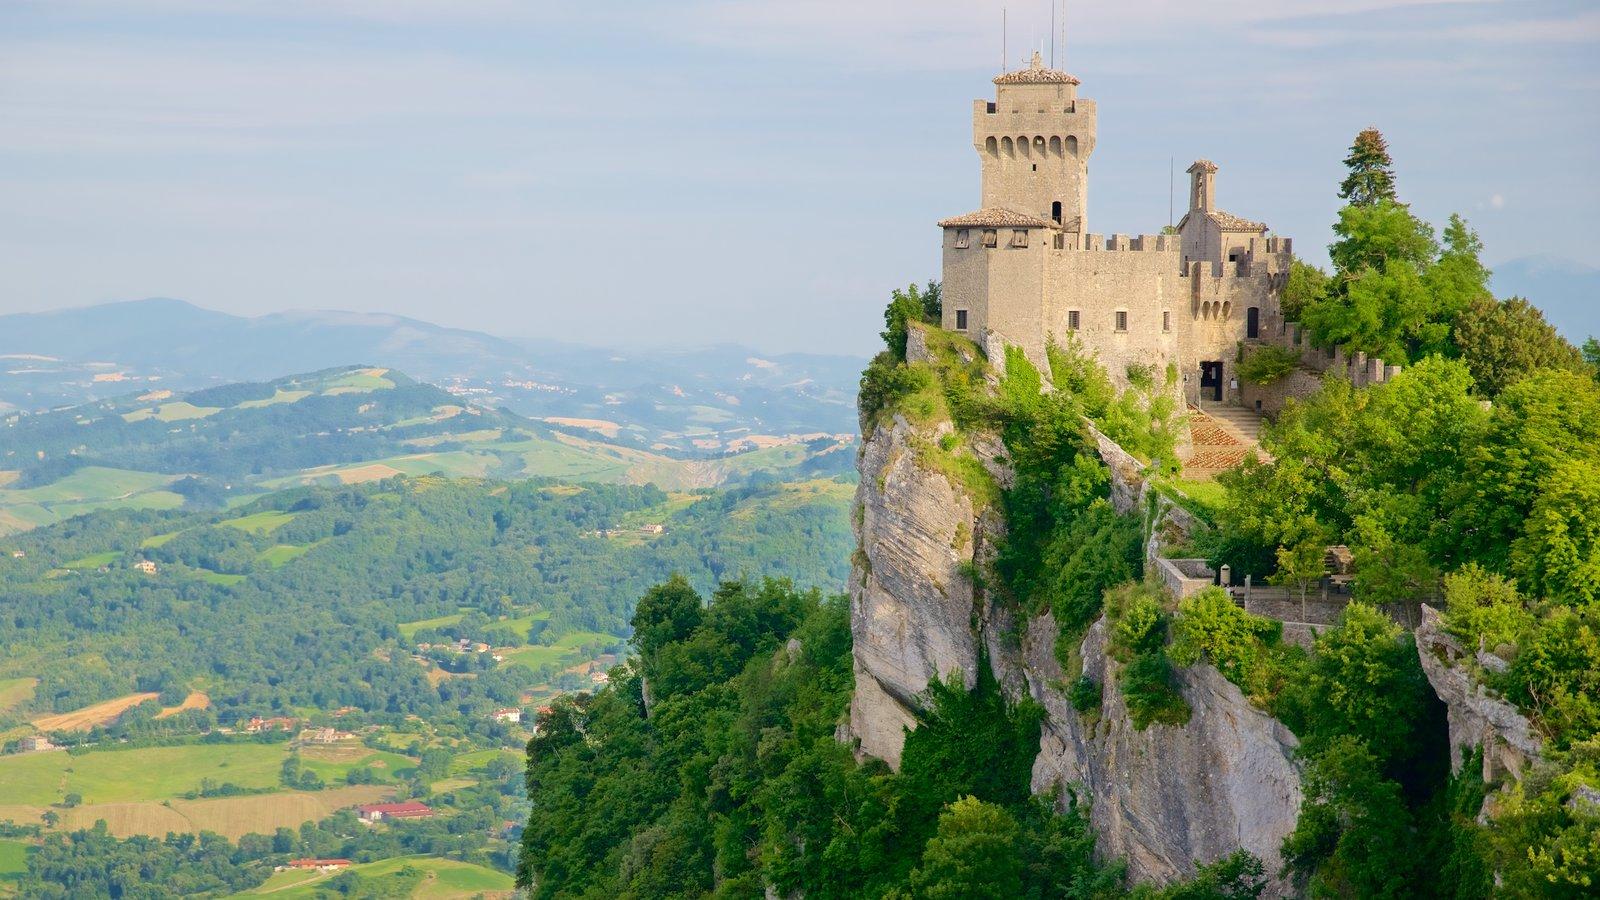 Torre Guaita mostrando montañas, elementos del patrimonio y escenas tranquilas